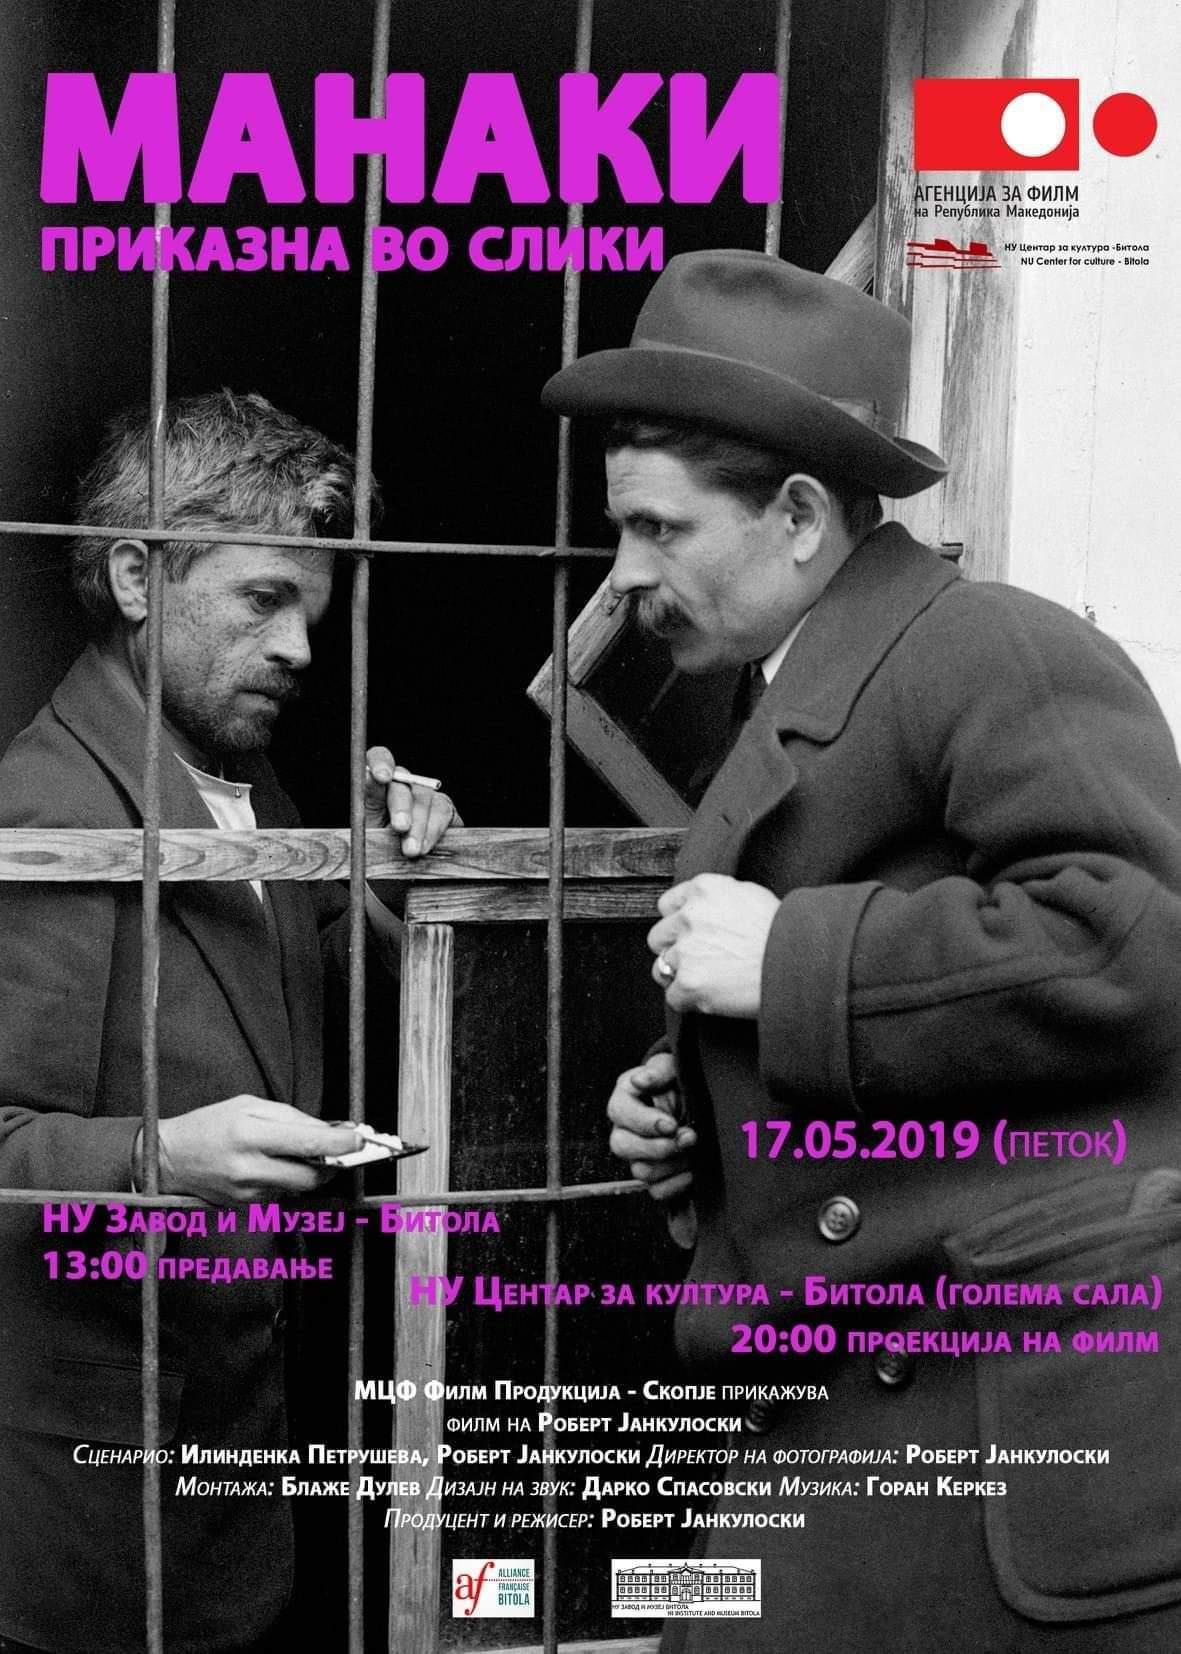 """Утревечер """"Манаки приказна во слики"""", 20.00 ч. НУ Центар за култура Битола"""